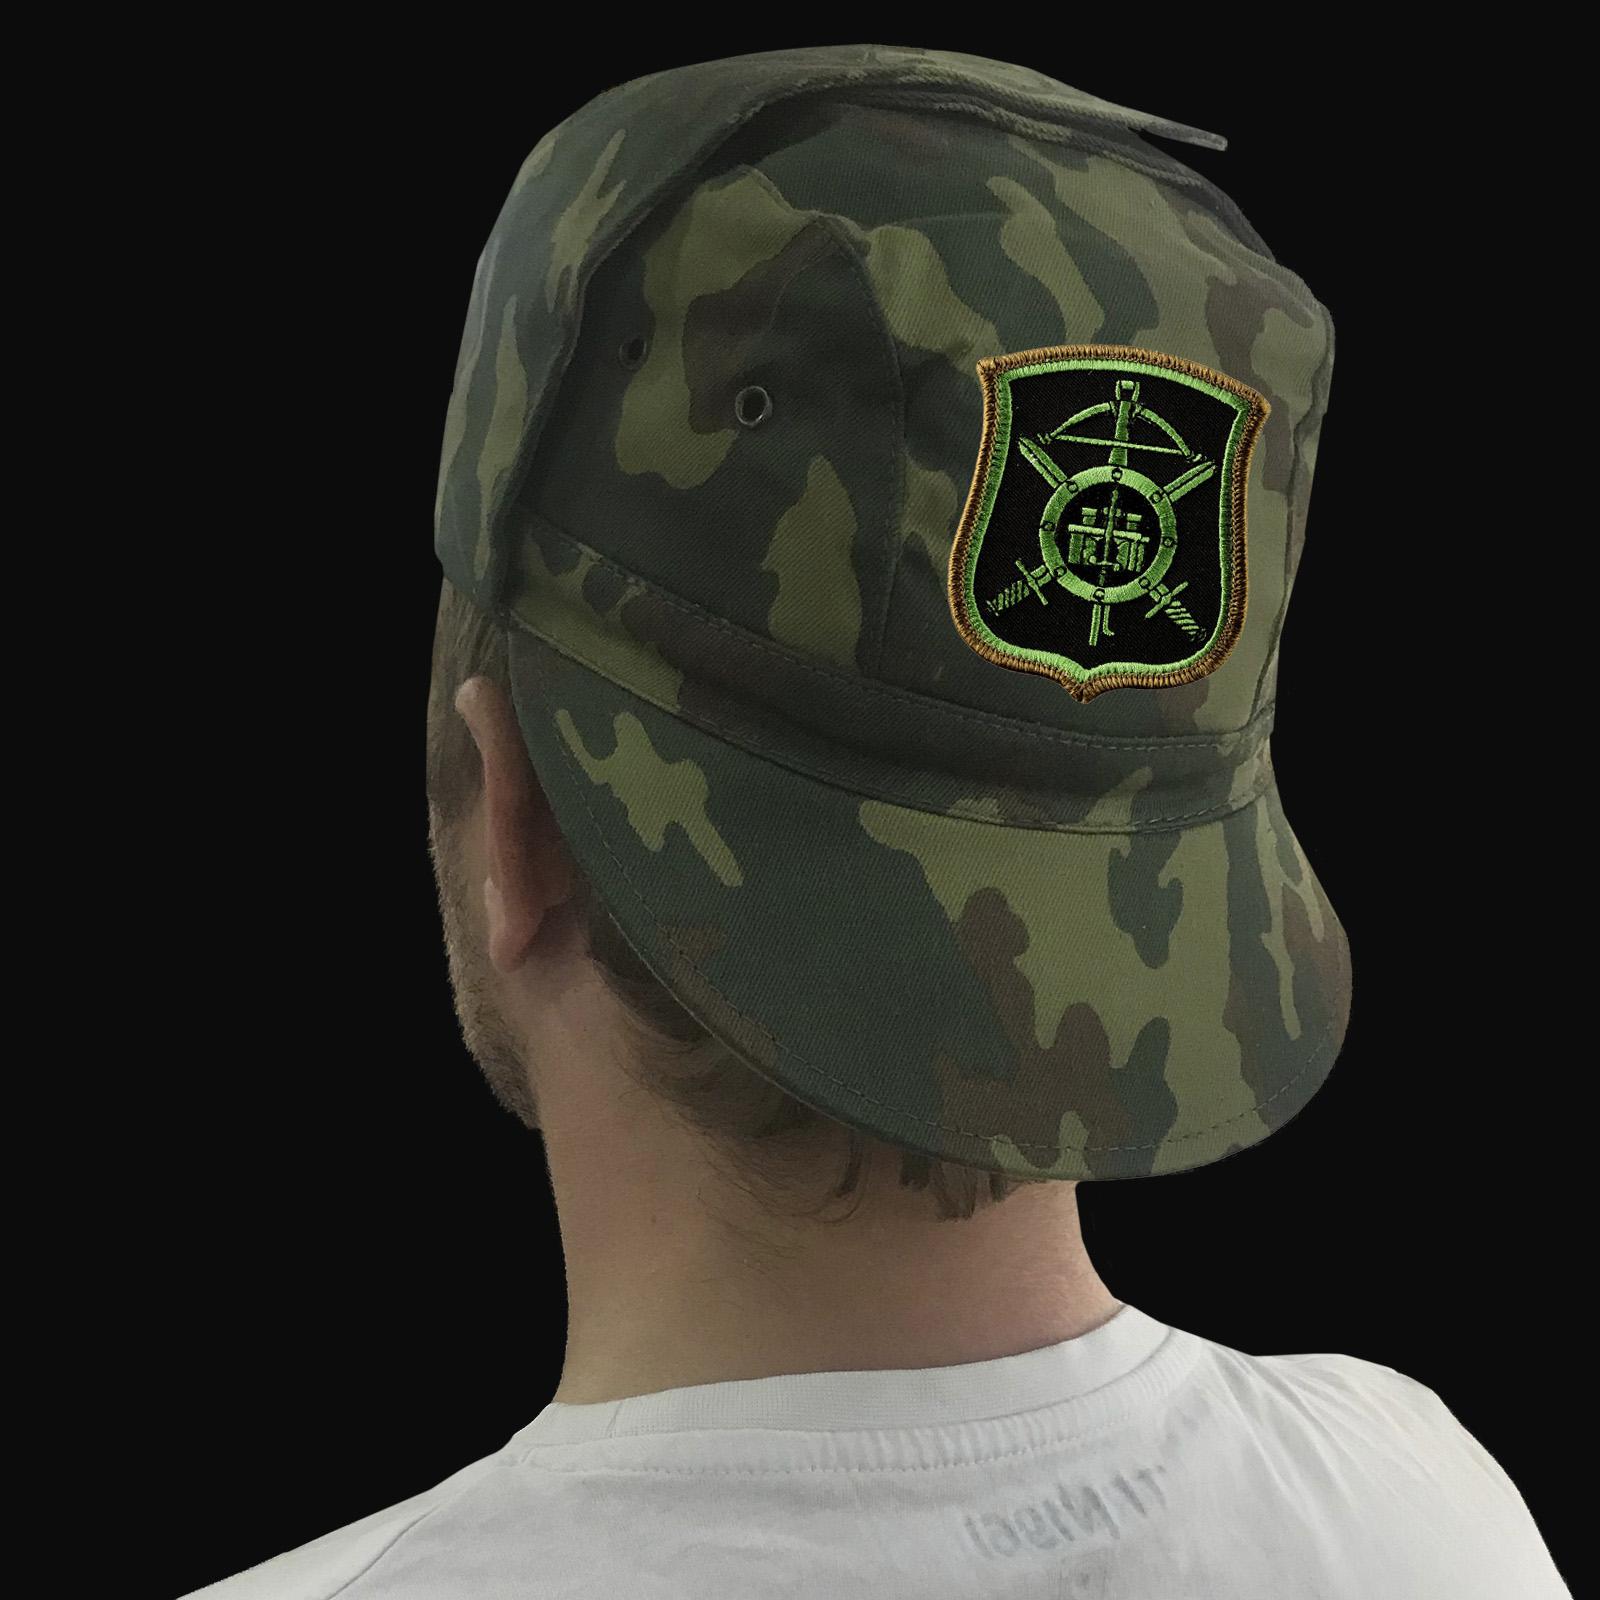 Купить кепку с вышитой символикой Ракетных войск стратегического назначения